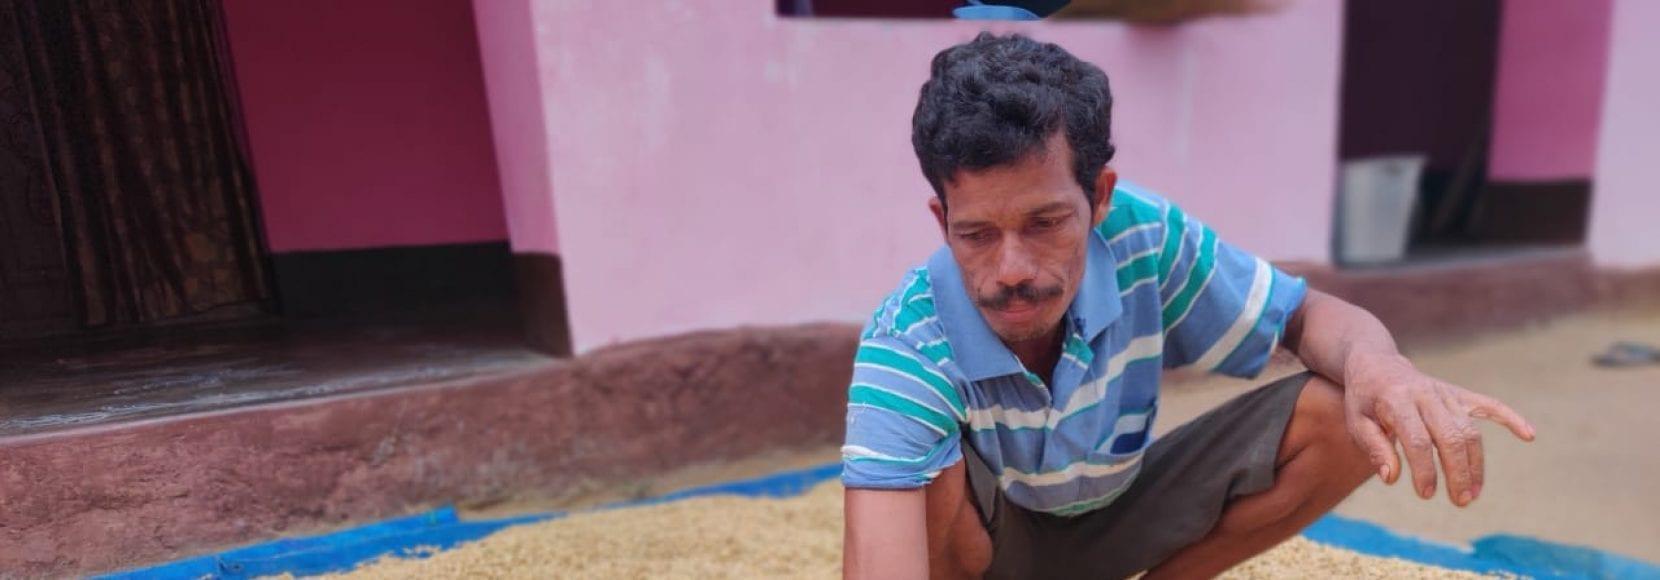 Palika Raju is a coffee farmer in Andhra Pradesh, India